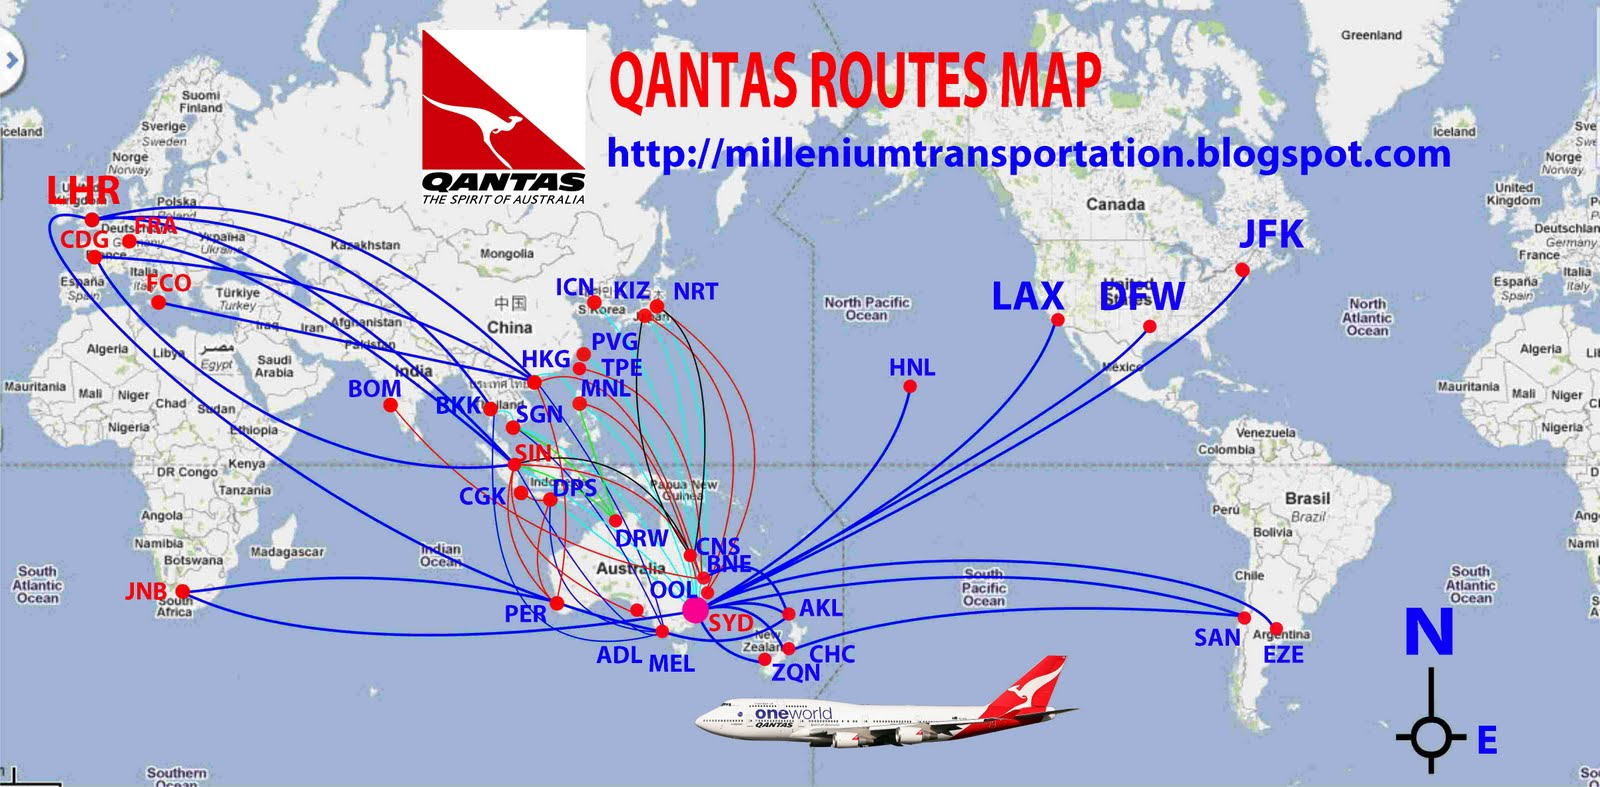 Routes map routes map of qantas routes map of qantas publicscrutiny Images